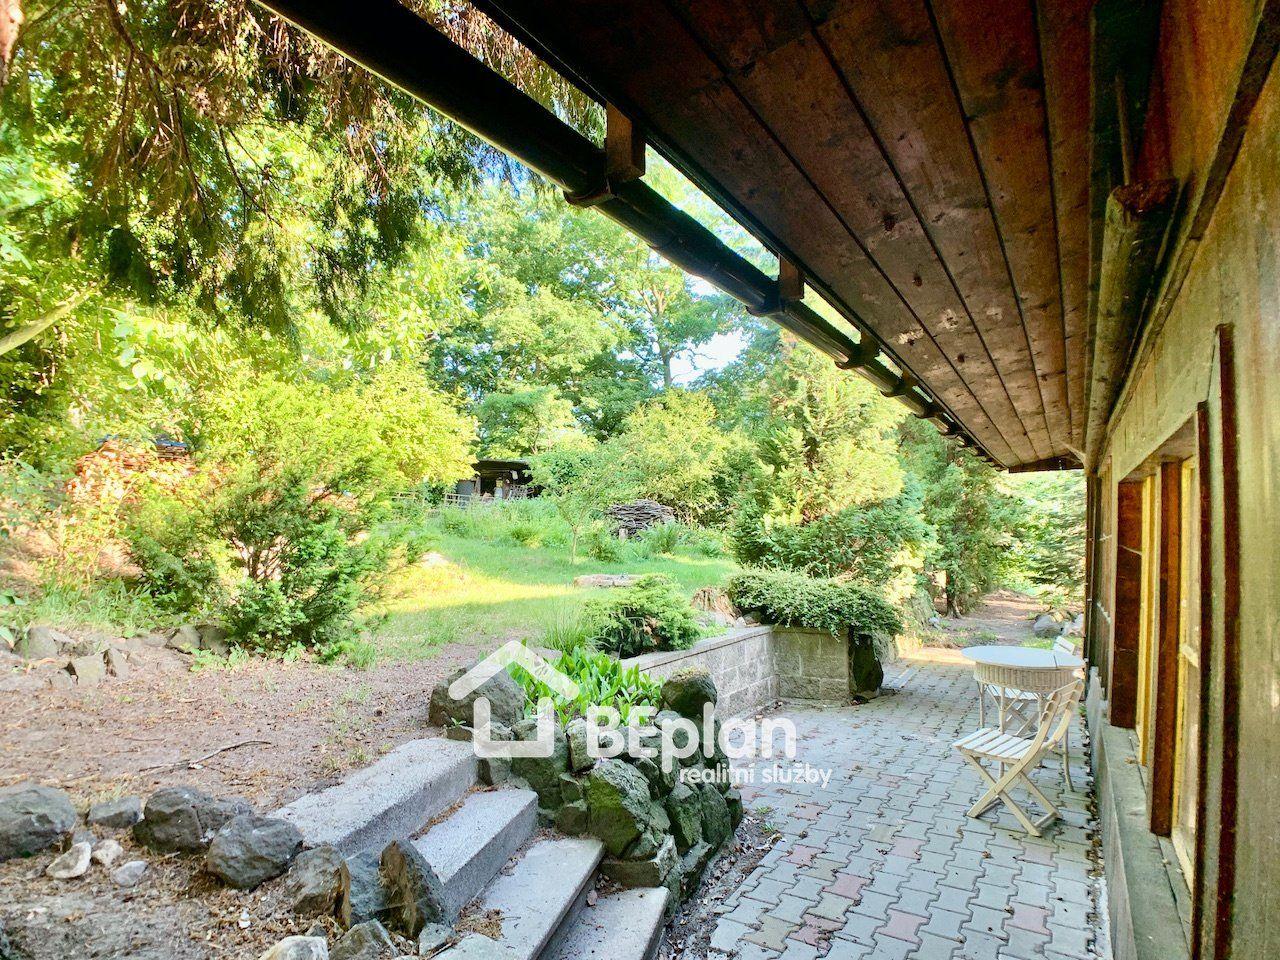 Prodej, Pozemky - zahrady, 980 m2 - Ústí nad Labem - Střekov